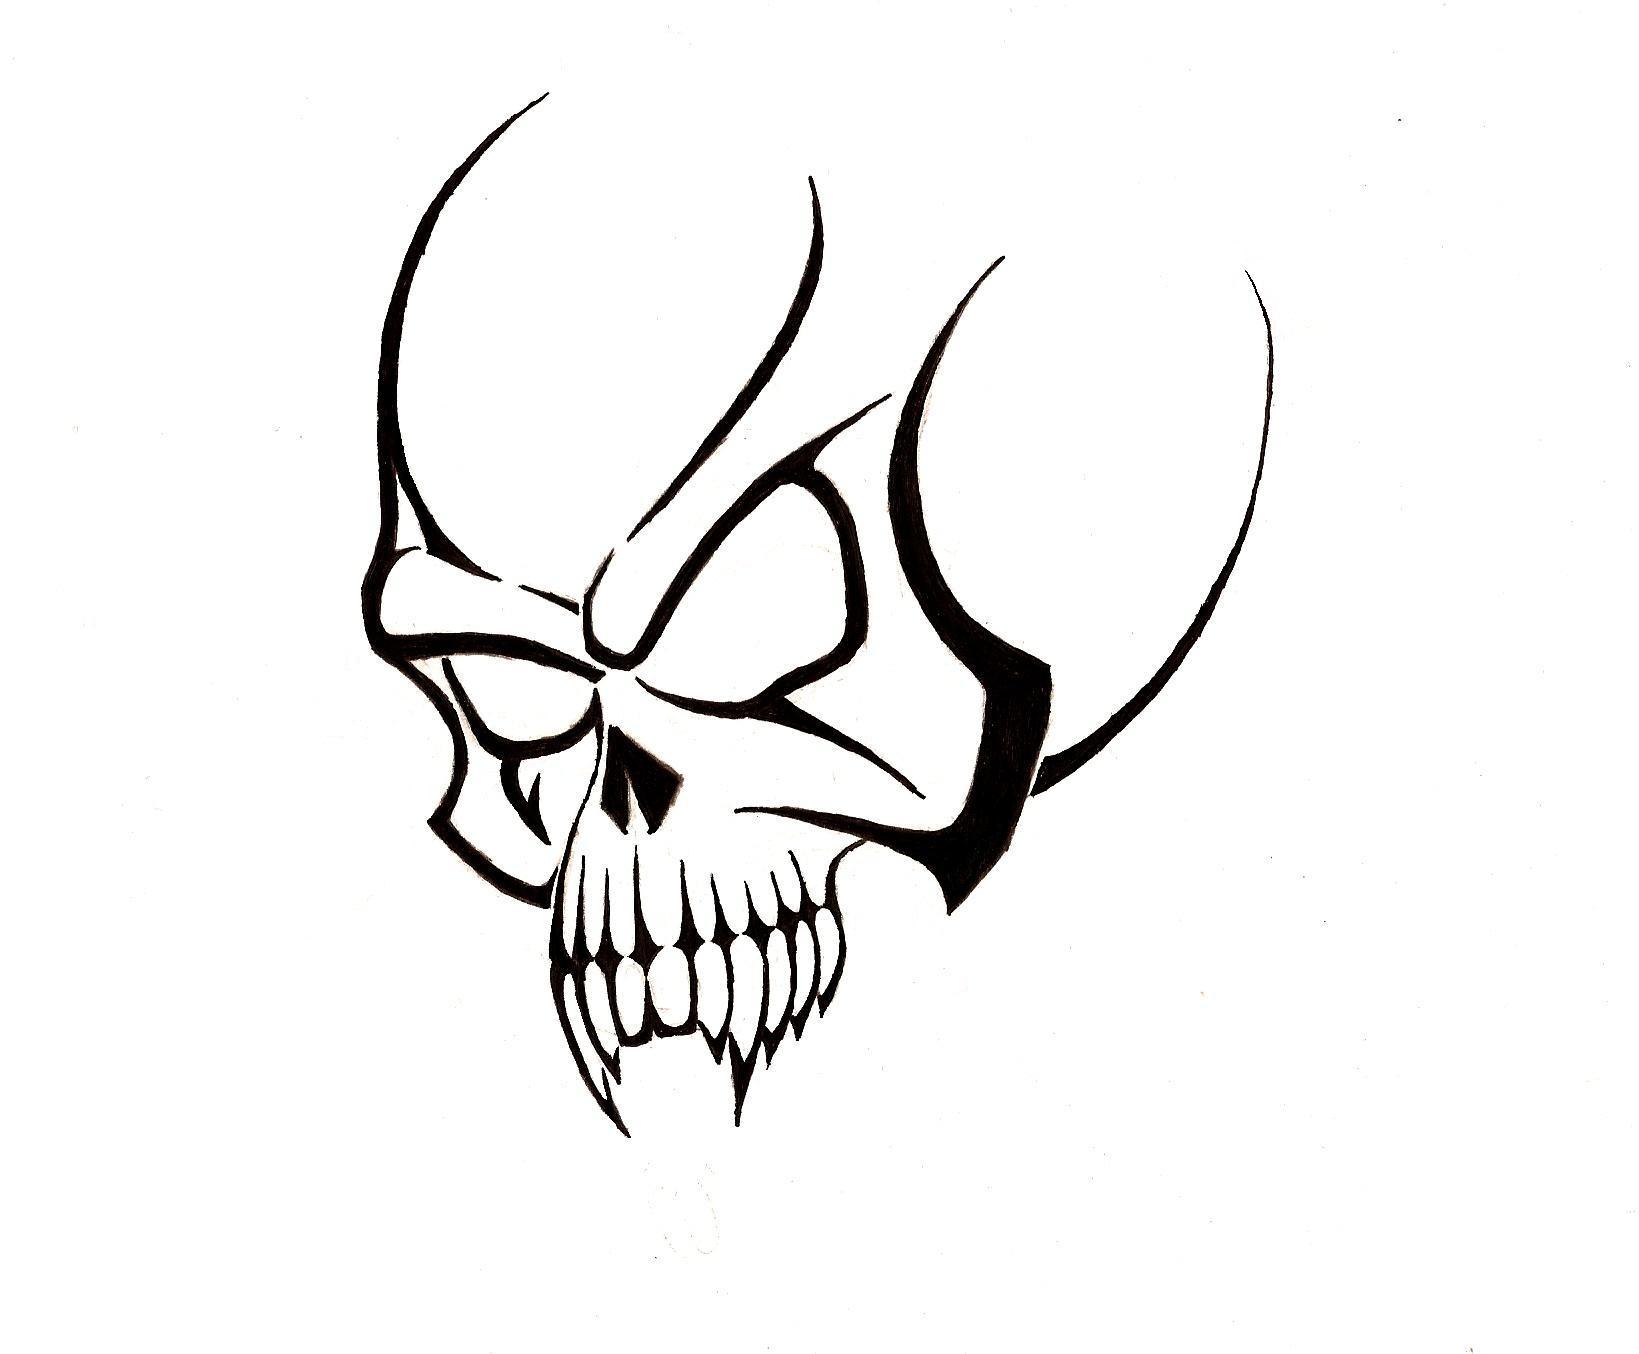 Free Download Free Tattoo Stencils, Download Free Clip Art, Free - Free Tattoo Stencils Printable